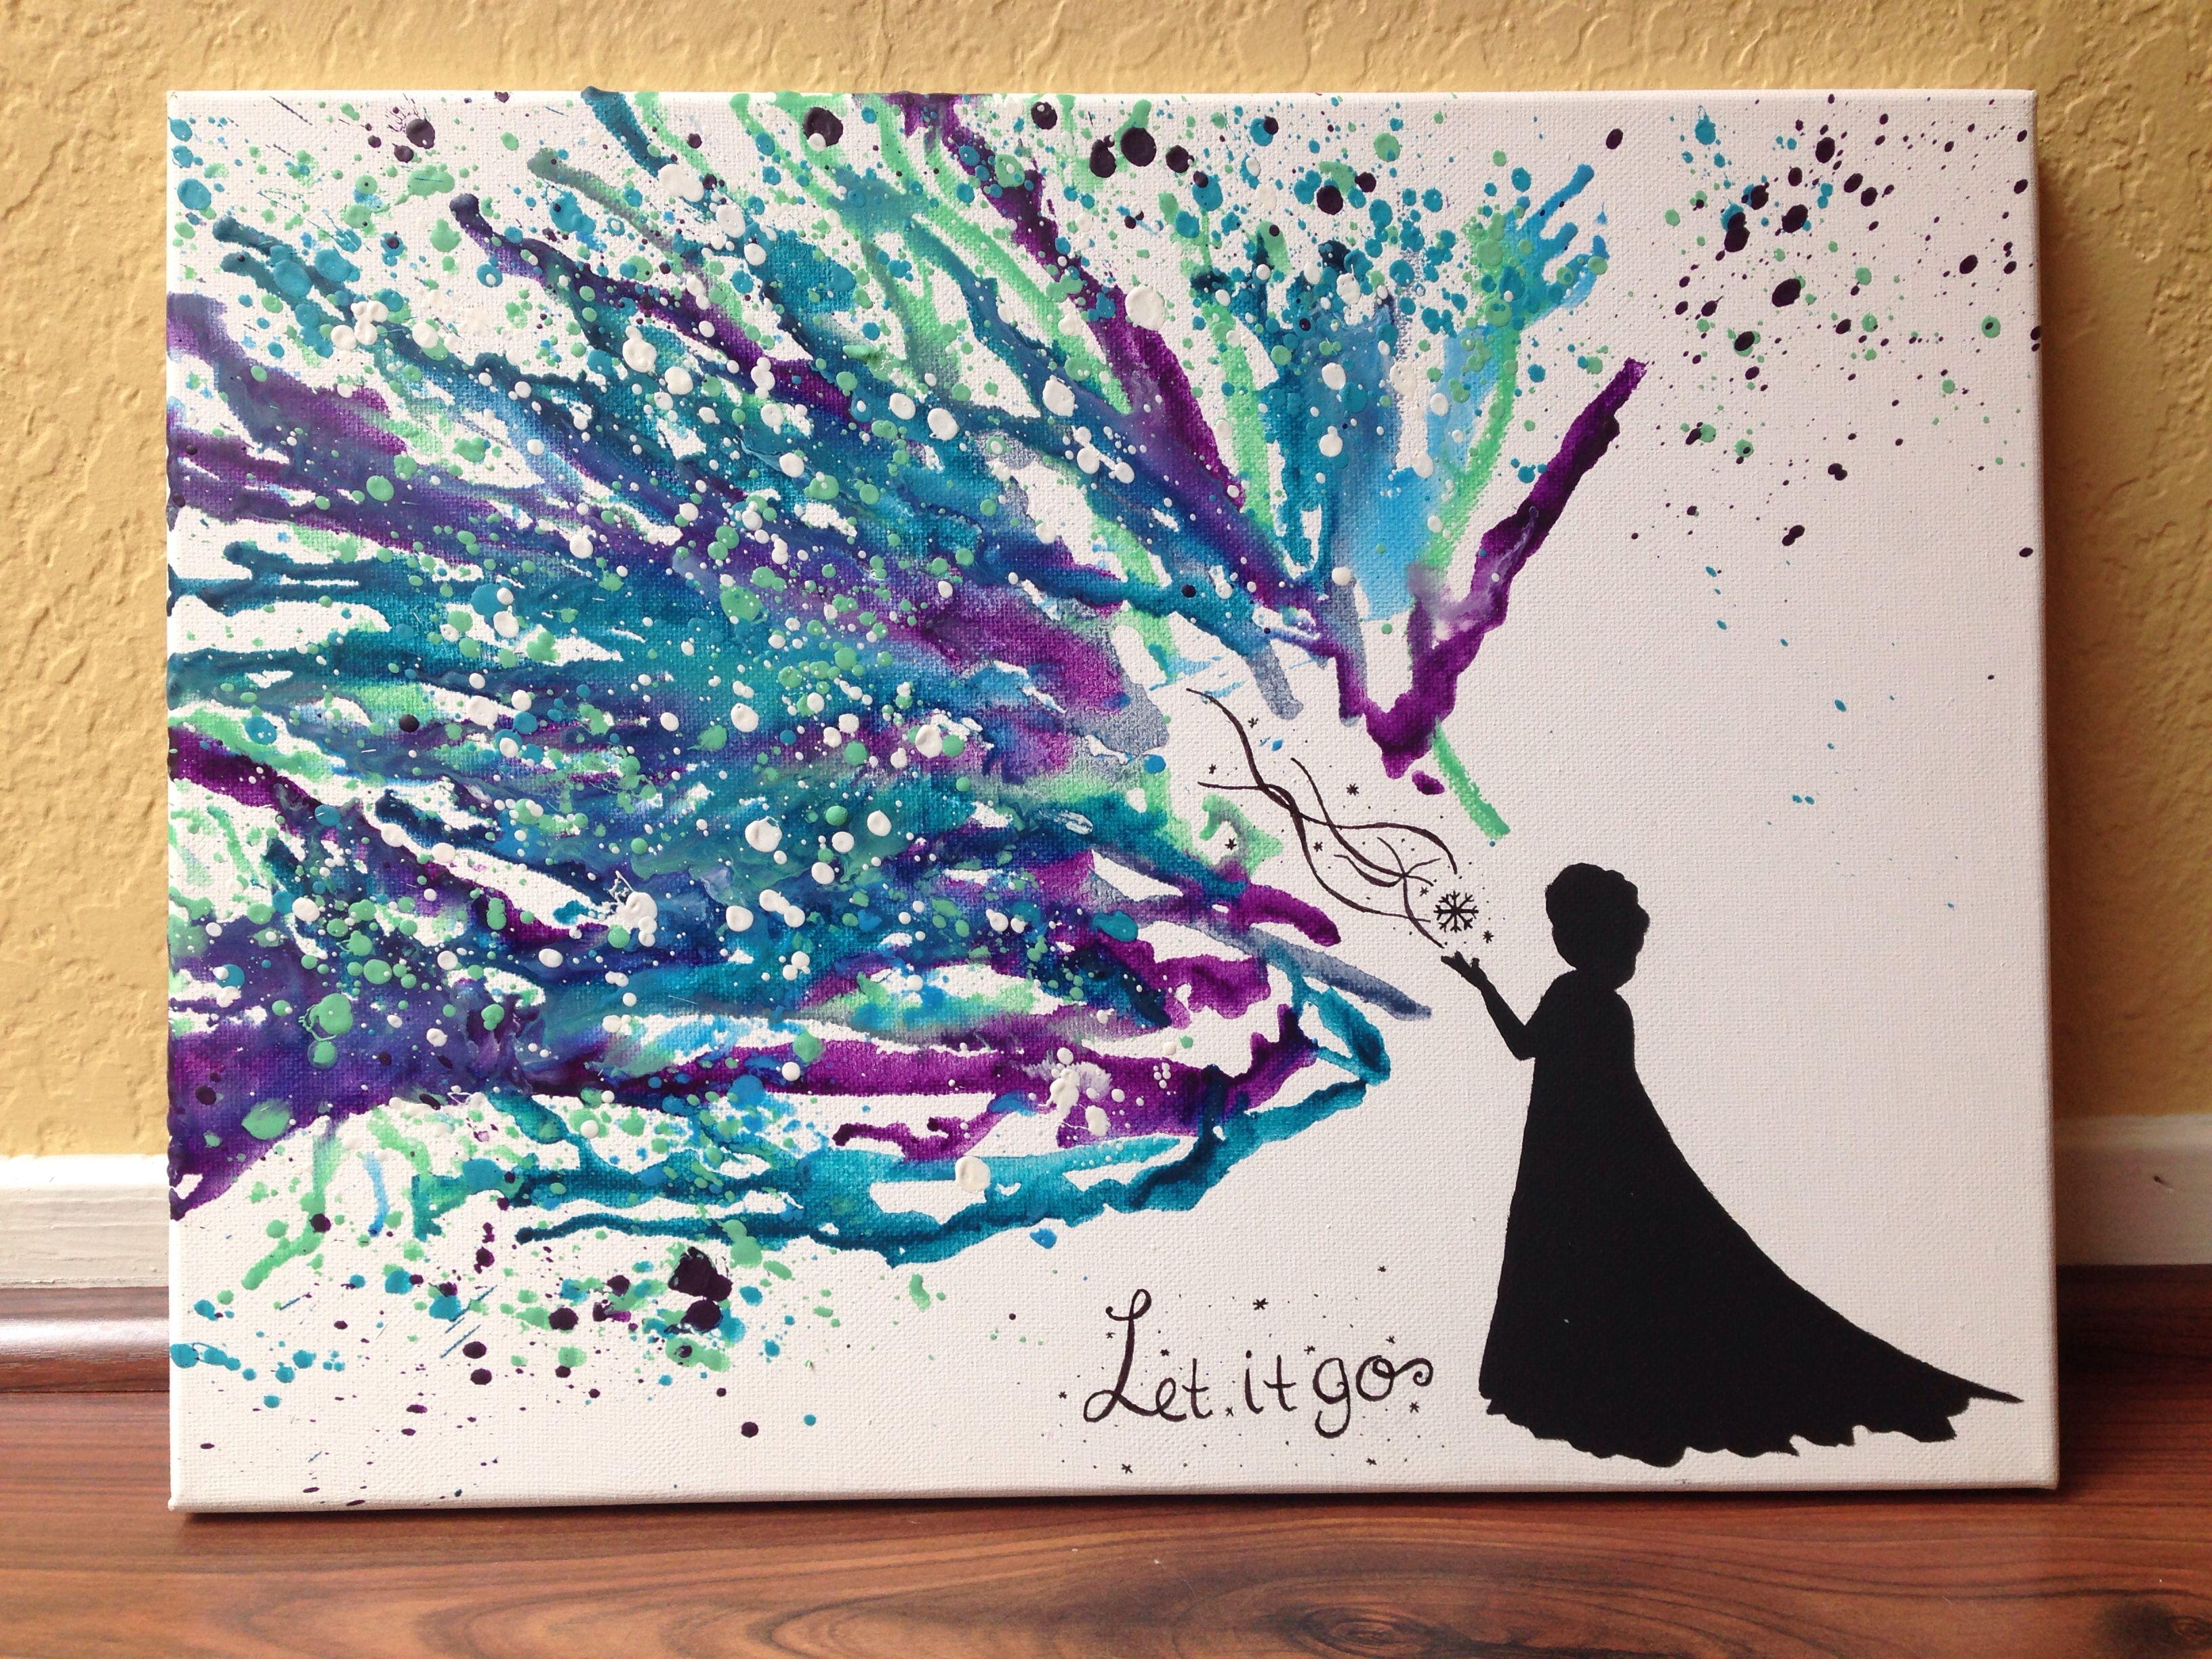 Di disney frozen wall murals - Disney S Frozen Melted Crayon Art Hand Painted Elsa